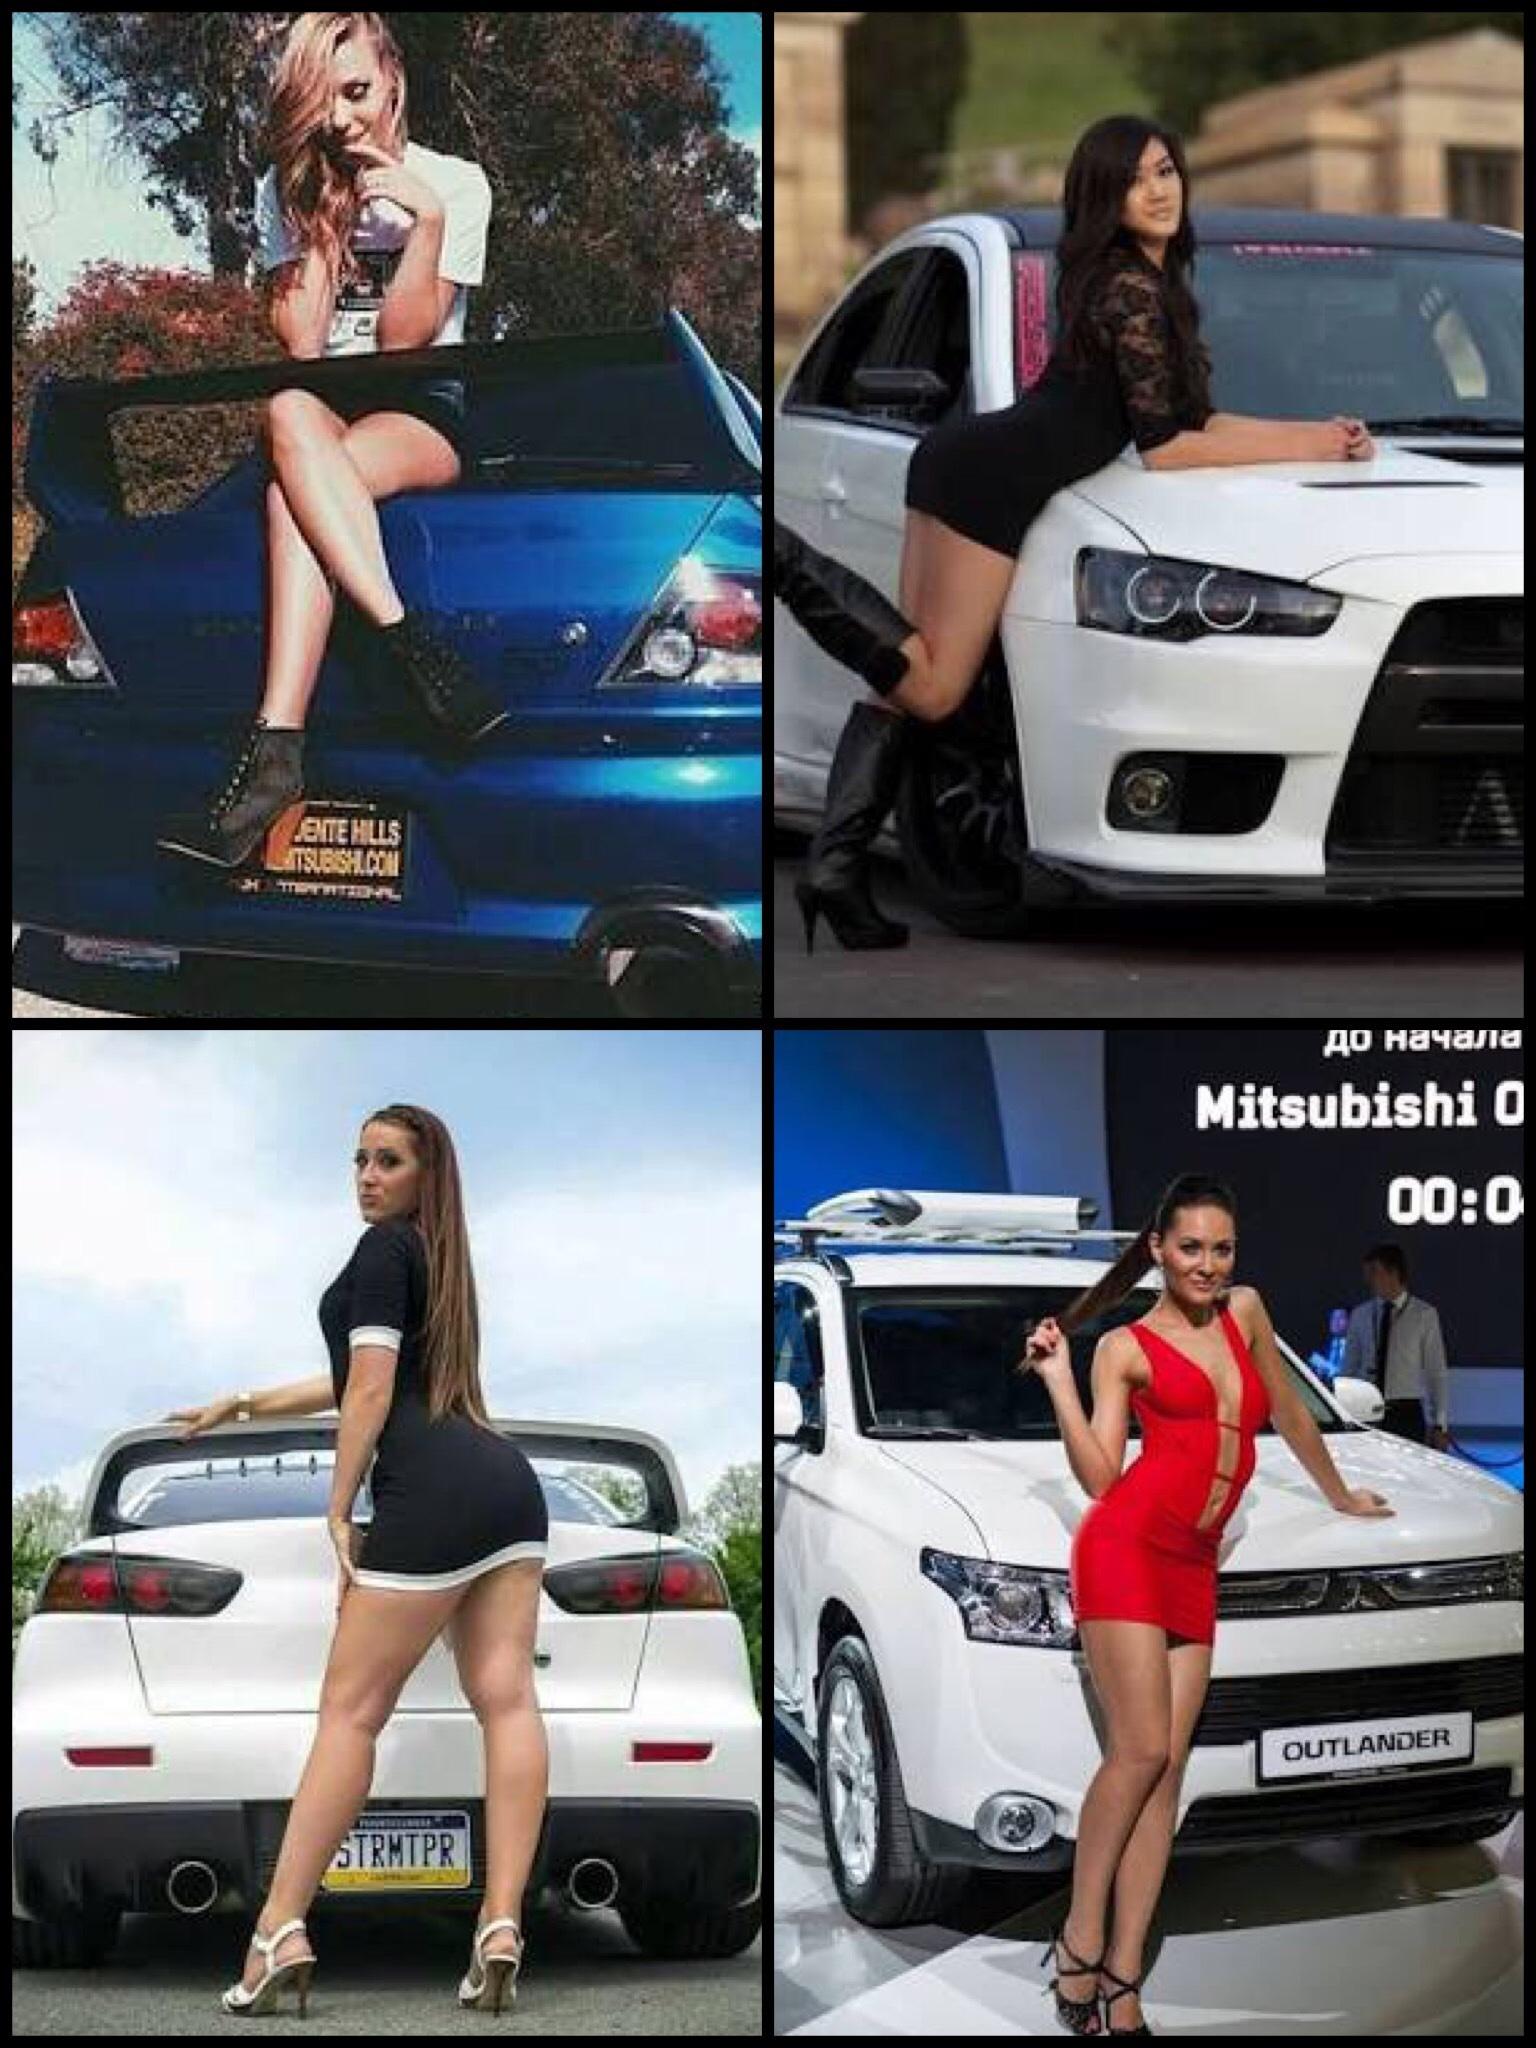 三菱車と美女 女性 Mitsubishi motors & beautiful woman